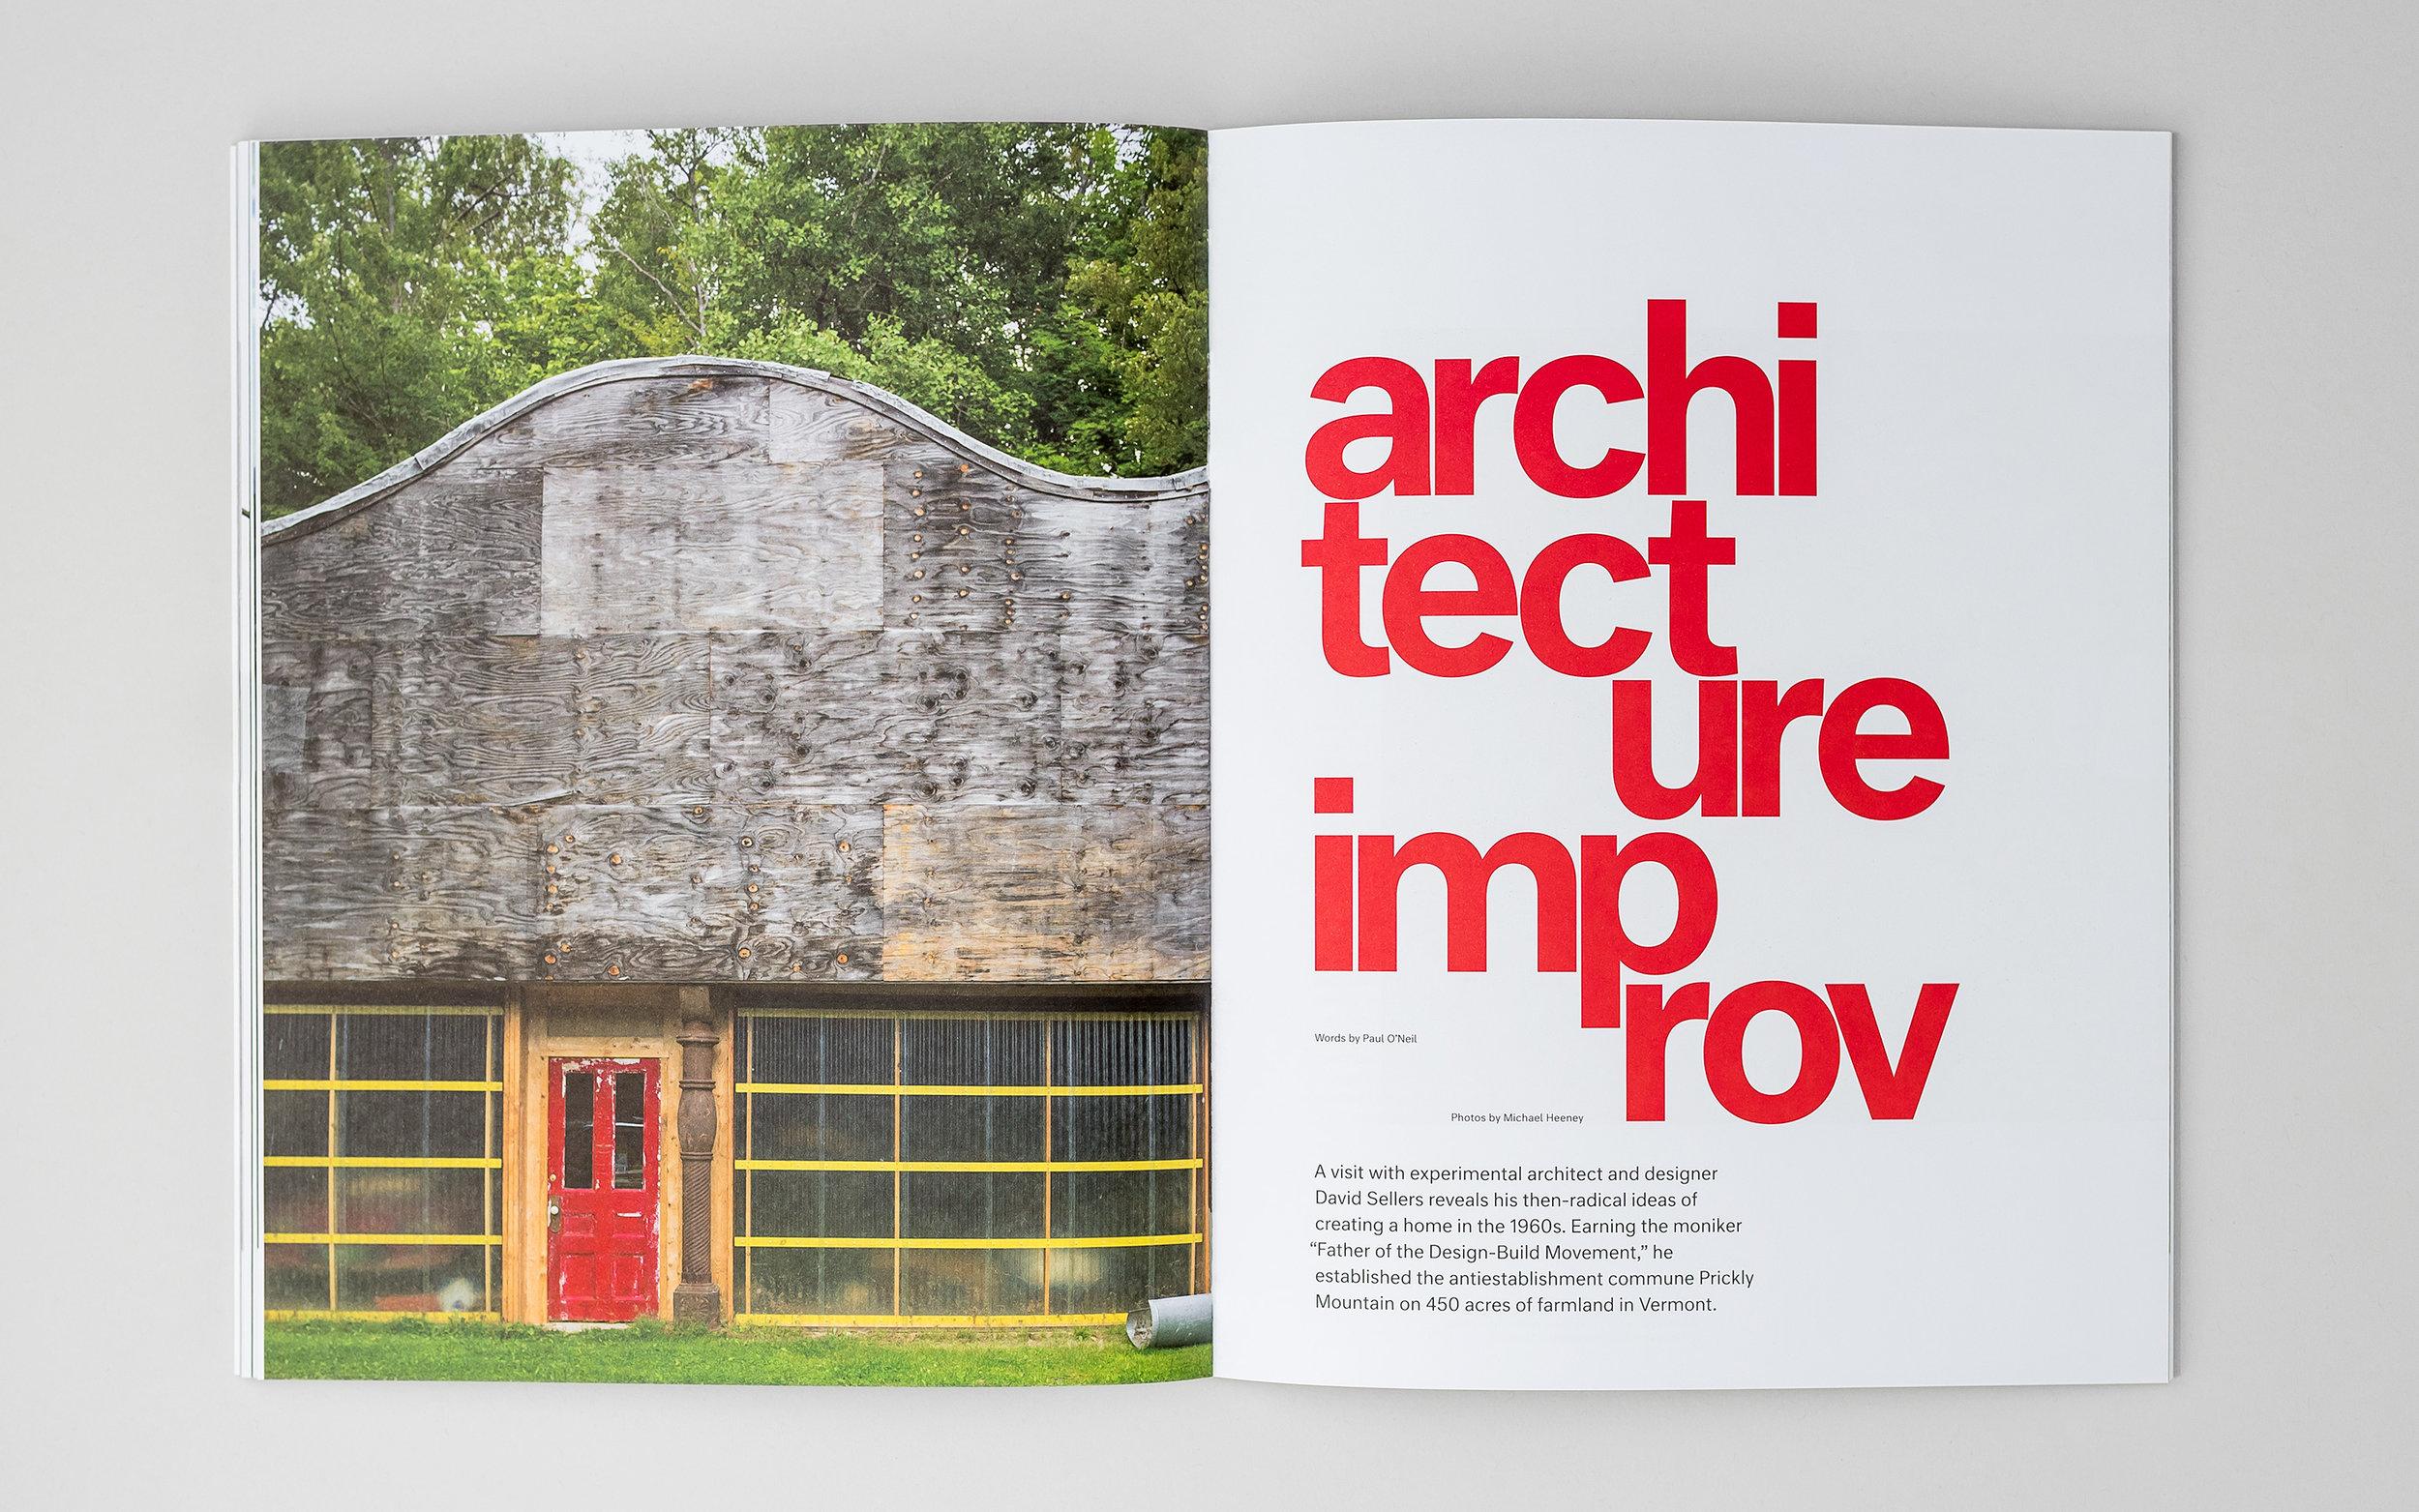 cast-iron-design_alpine-modern-magazine-spread-architecture-improv.jpg